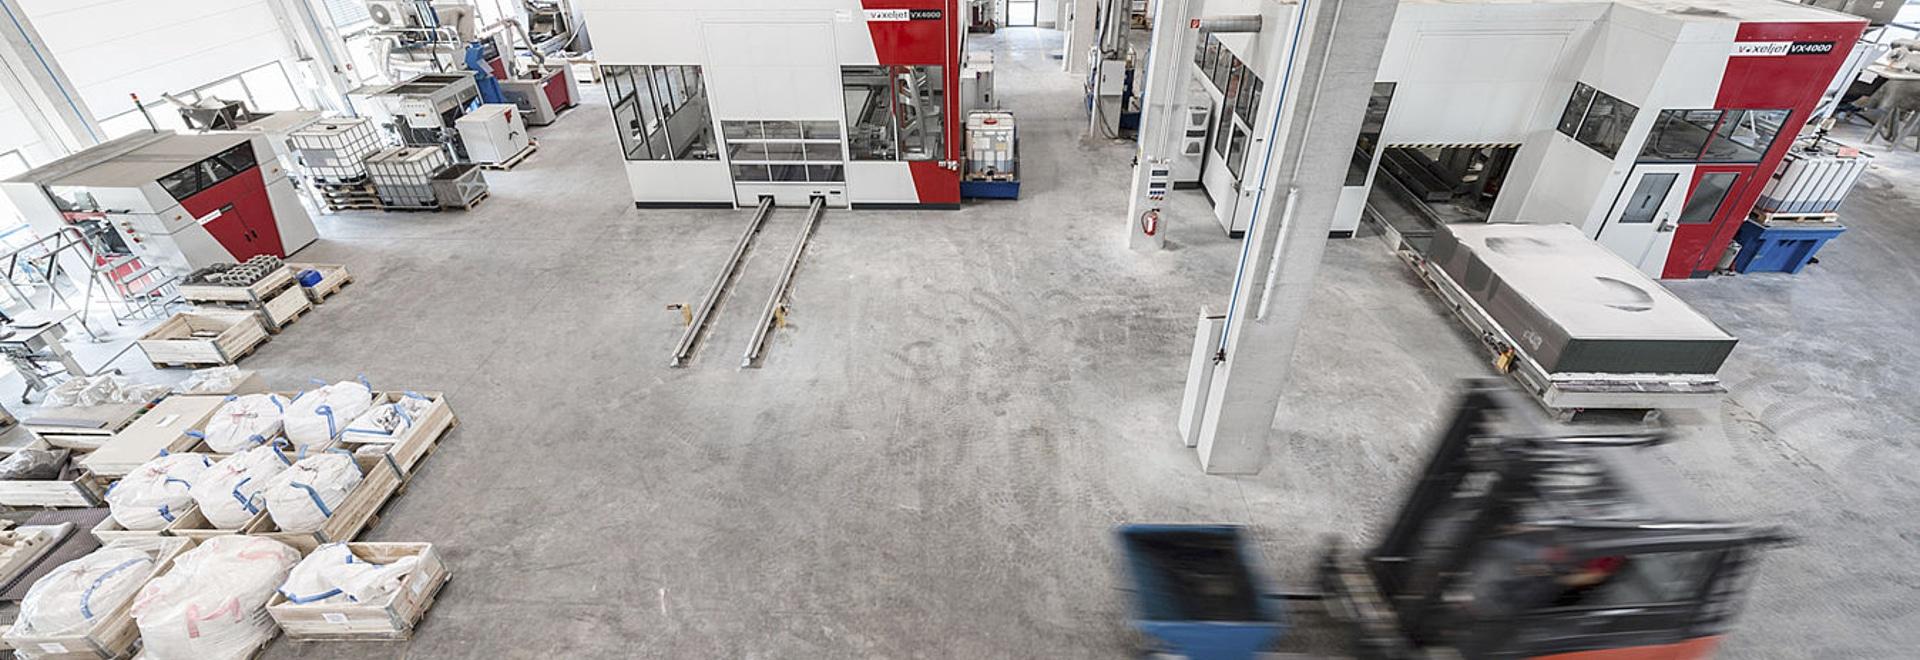 高速烧结(HSS)技术将把voxeljet带入热塑性塑料市场